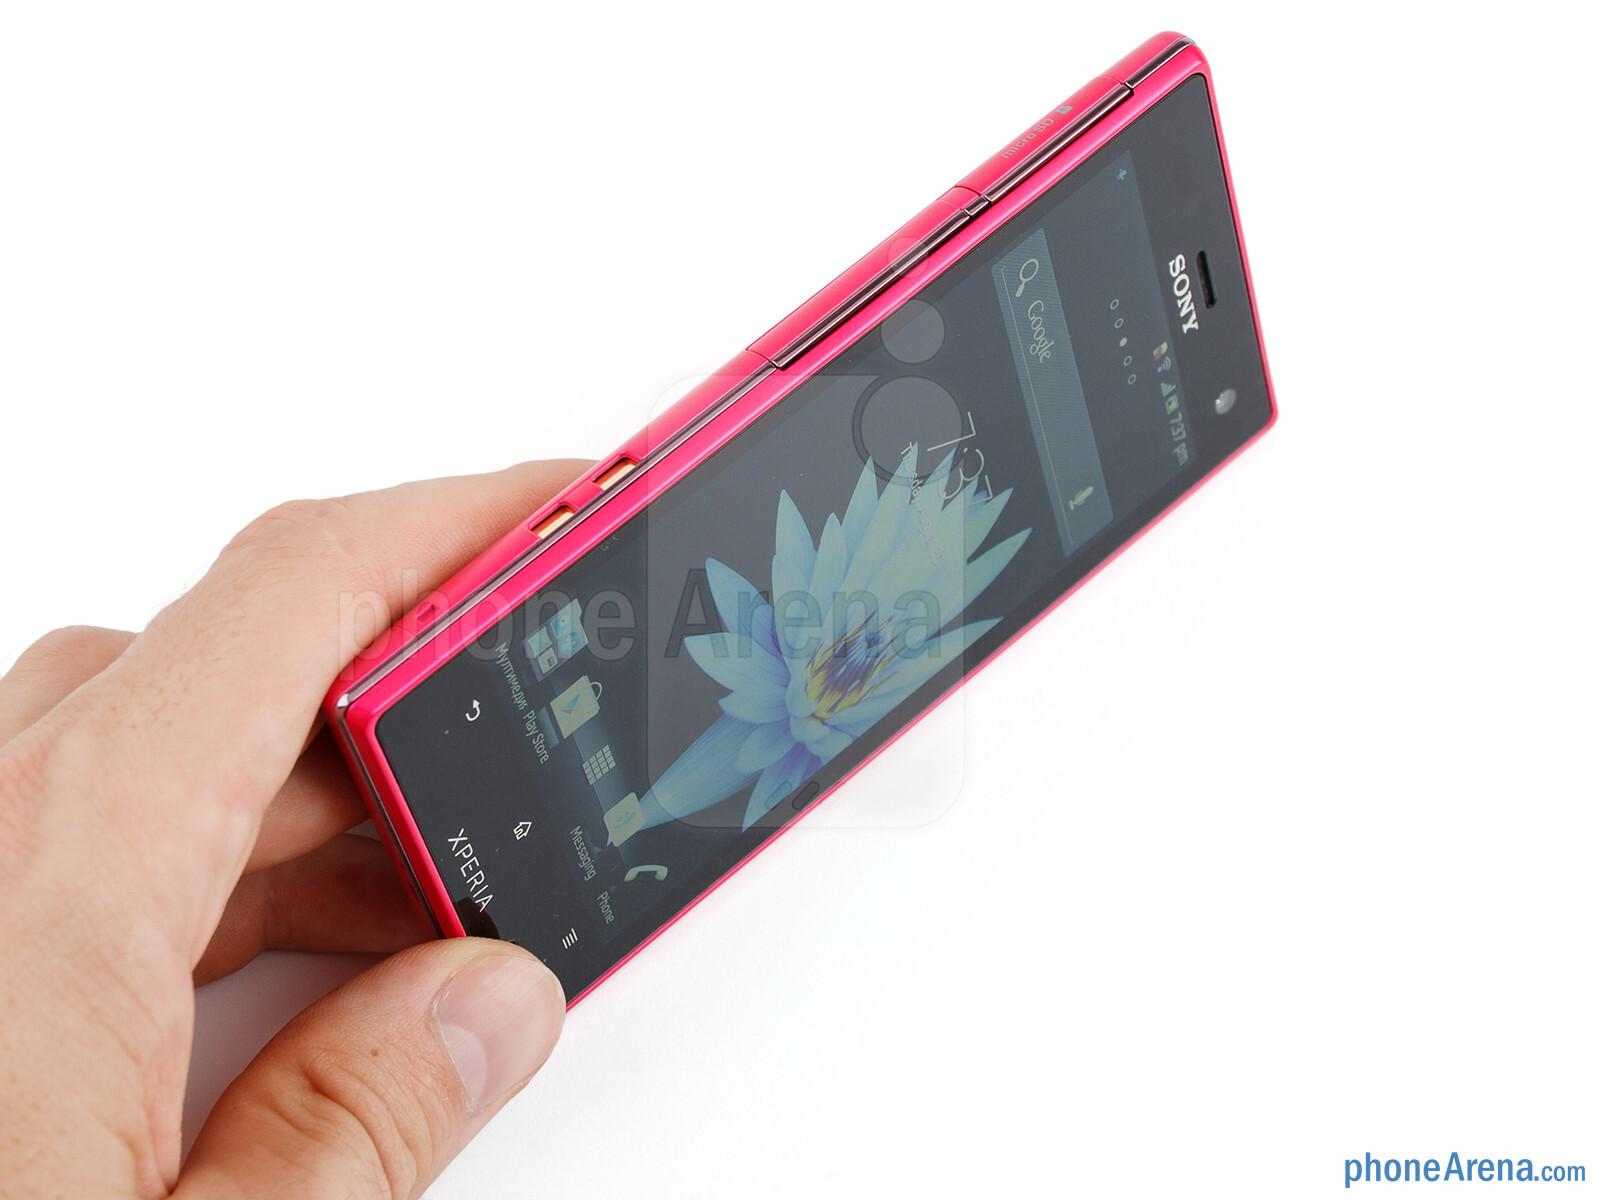 Sony Xperia acro S (Sony LT26w) Black (Ảnh 3)